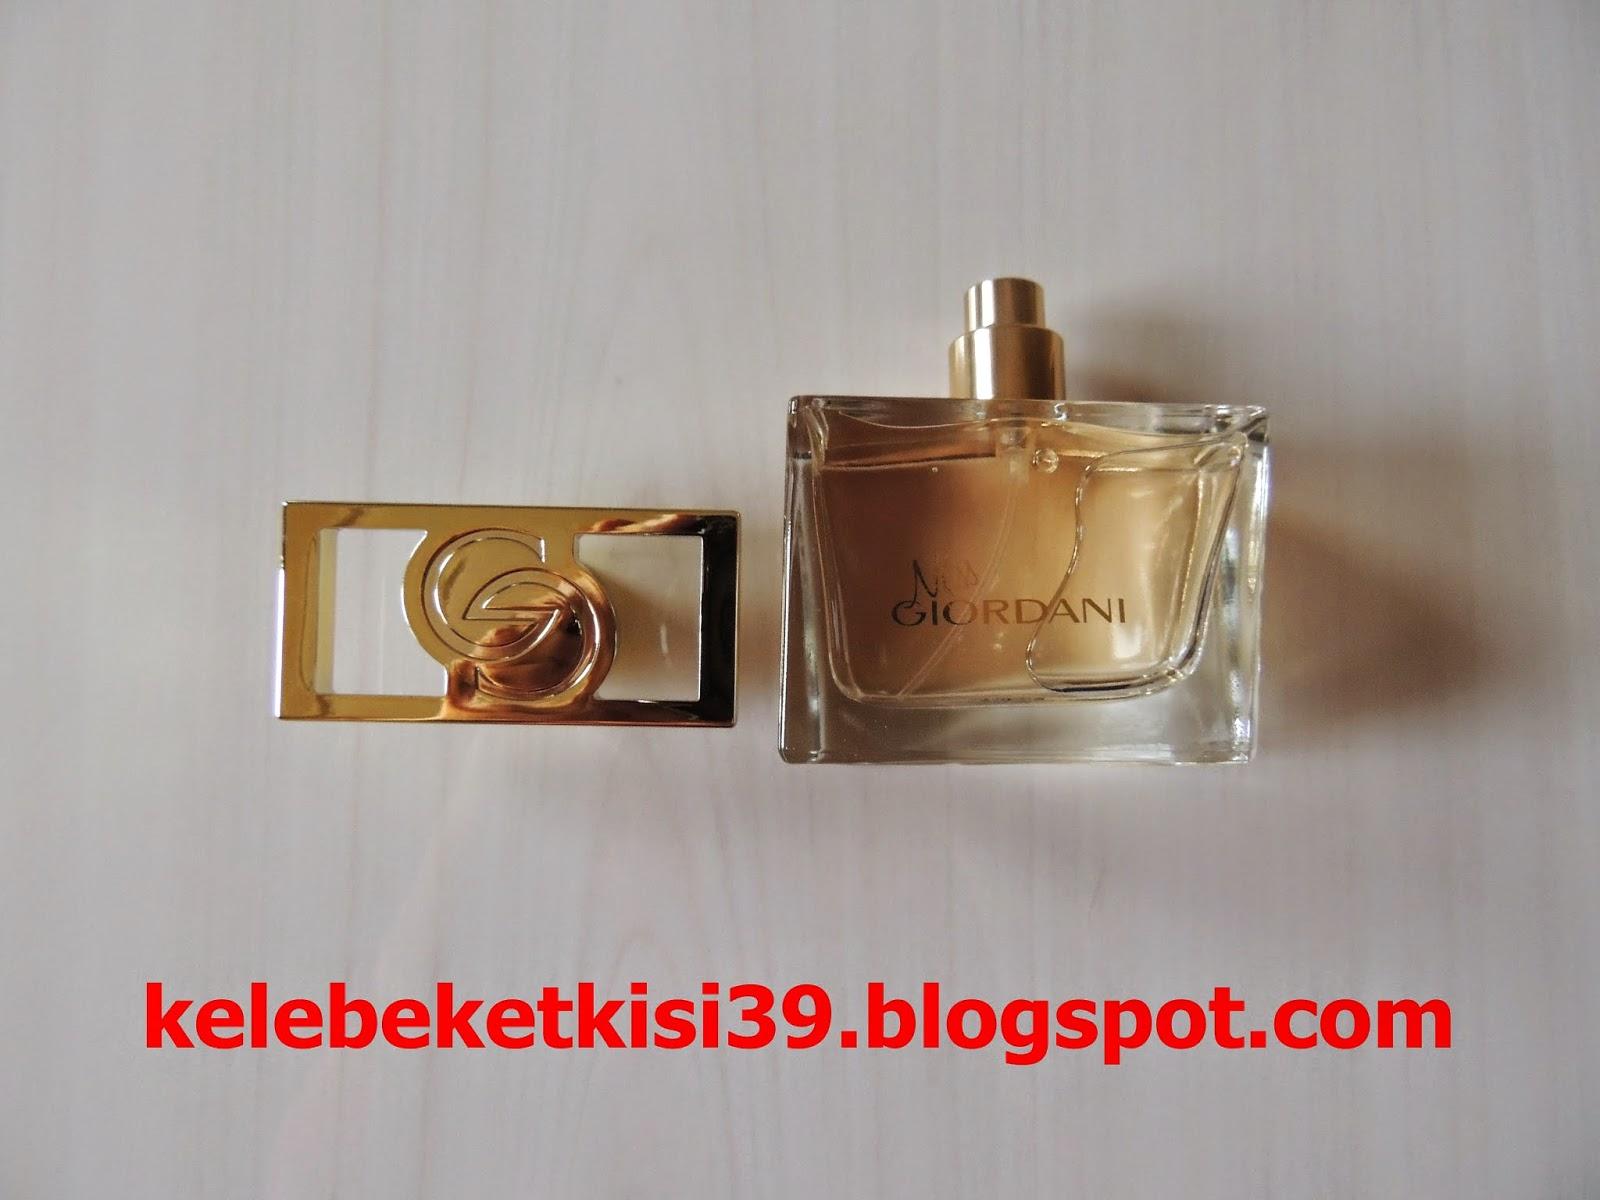 Oriflame Miss Giordani Parfüm Kelebek Etkisi Makyaj Moda Ve